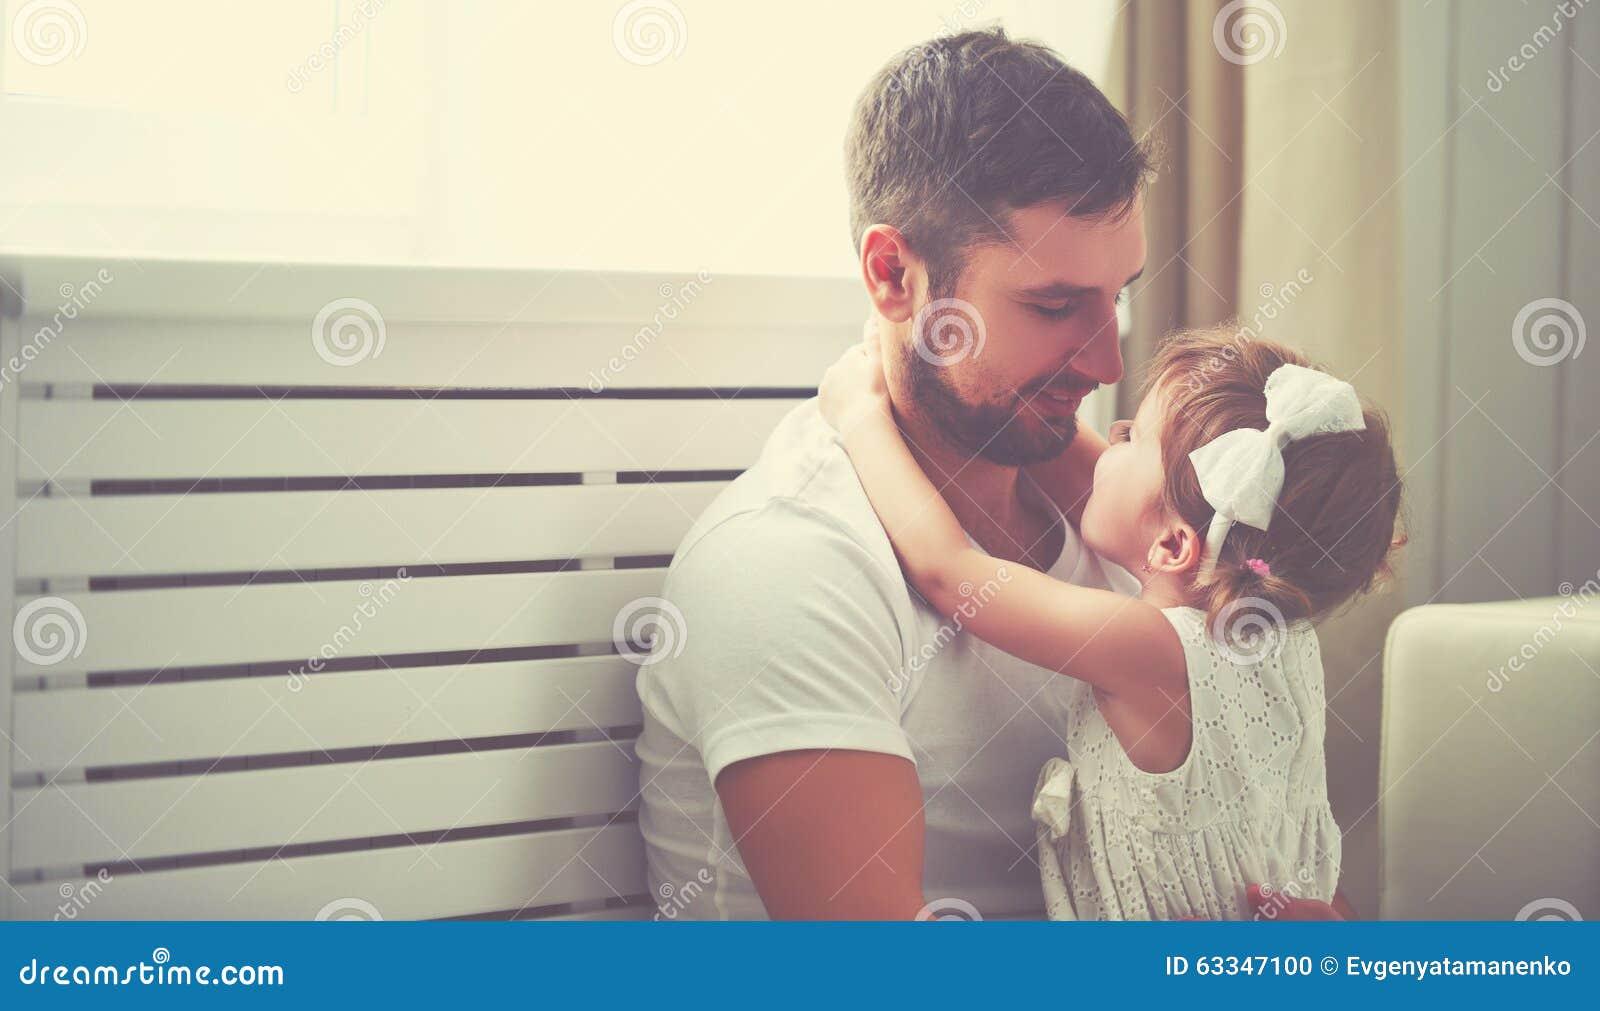 Ευτυχές κοριτσάκι οικογενειακών παιδιών στα όπλα του πατέρα του στο σπίτι